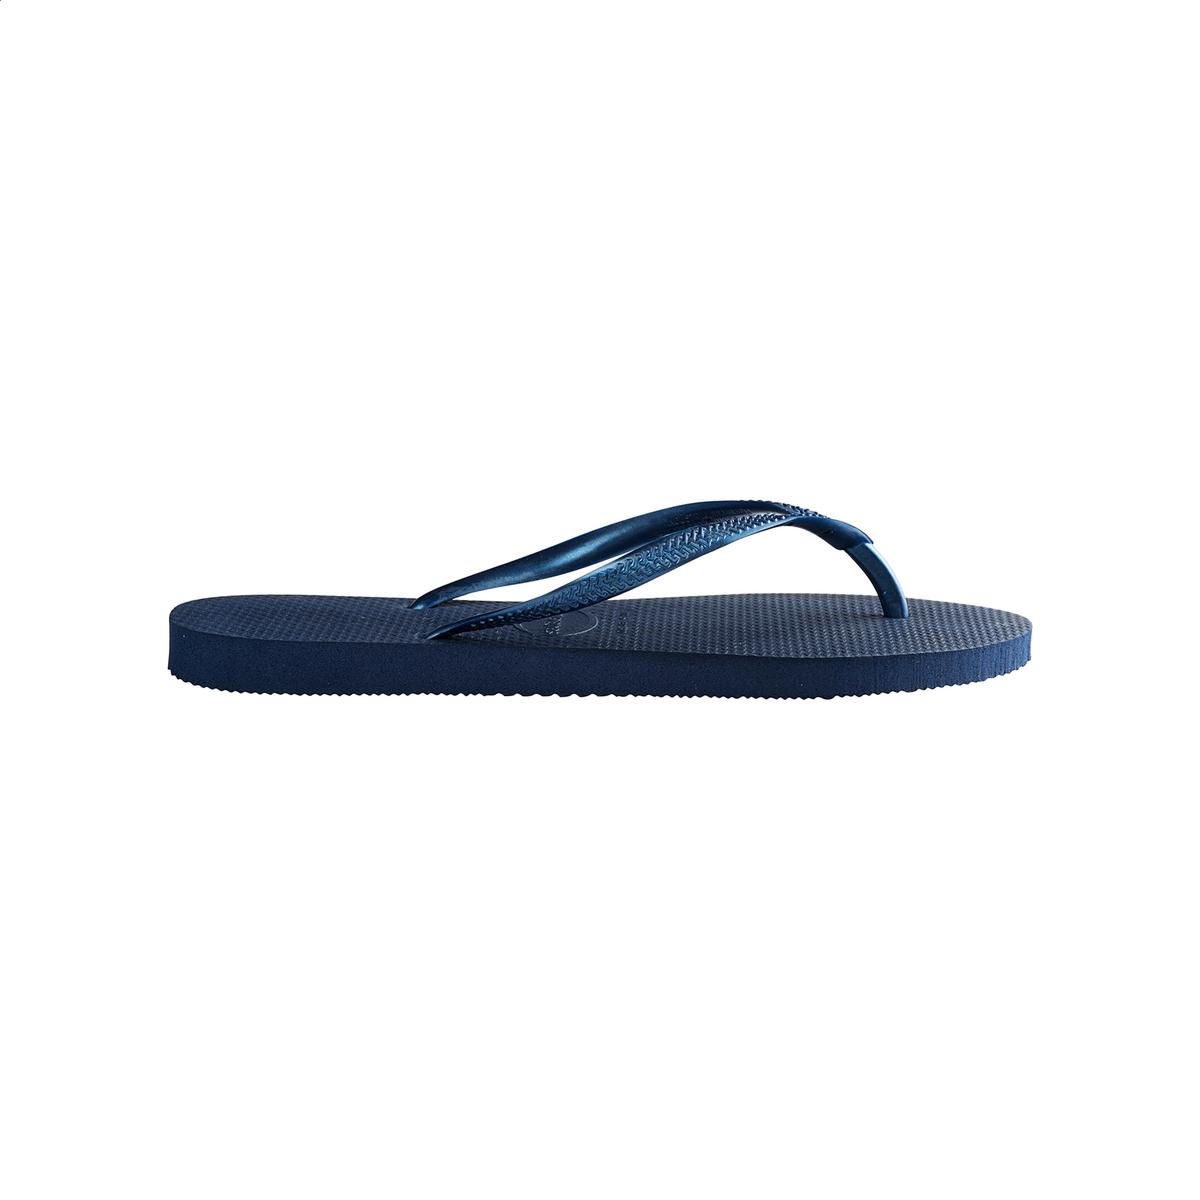 Вьетнамки SlimВерх : каучук     Стелька : каучук     Подошва : каучук     Высота каблука : плоский     Форма каблука : плоский каблук     Мысок : открытый мысок     Застежка : без застежки<br><br>Цвет: синий морской